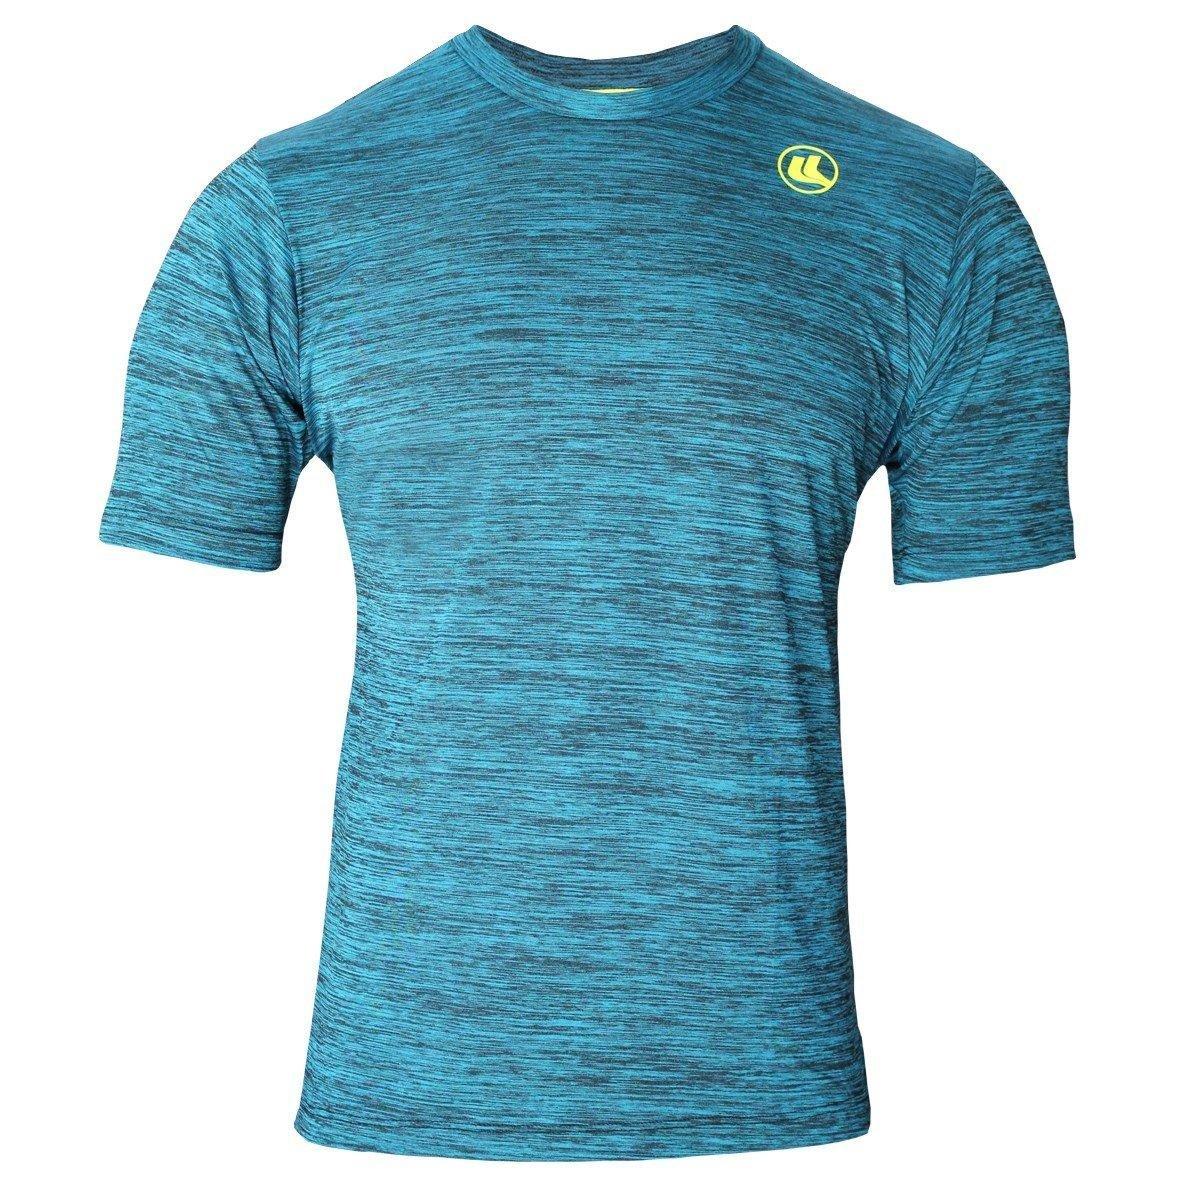 1c758f813fe06 Camisa EL Rajada Plank Proteção UV45 Masculina - Azul e Preto - Compre Agora